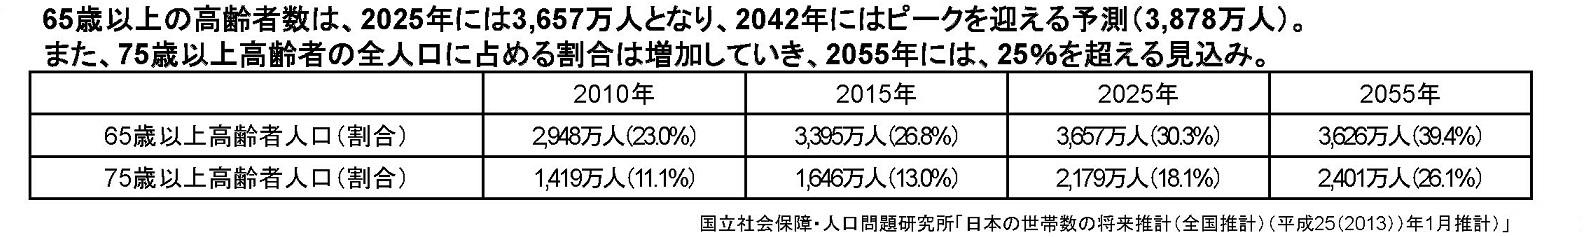 マネセツ137(山本)介護保険の現状と将来/図表2